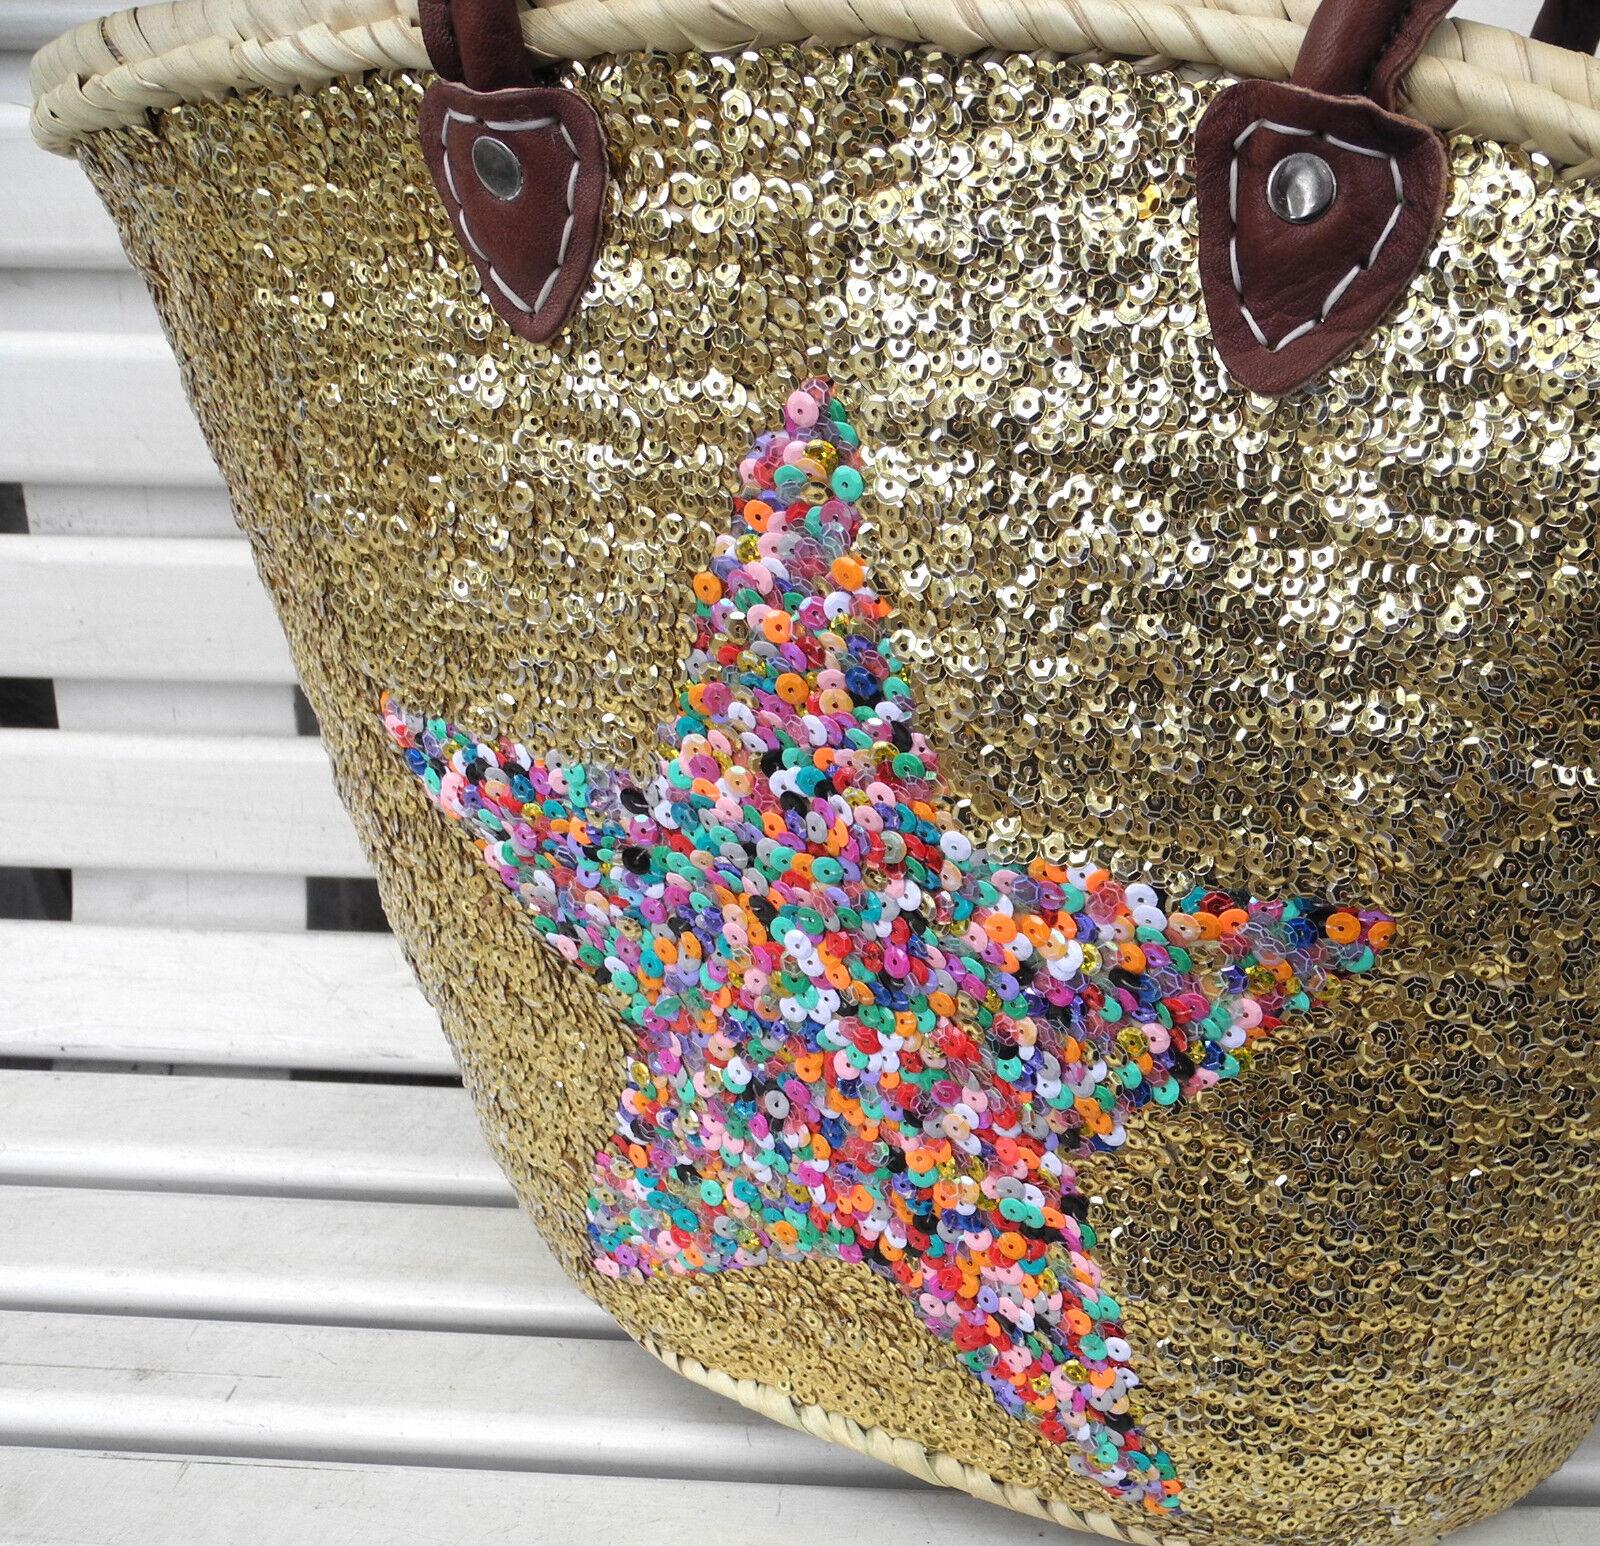 Ibiza Strandtasche- Korbtasche komplett mit Pailletten & Stern Stern Stern (Multi) verziert | Erste Kunden Eine Vollständige Palette Von Spezifikationen  2d2991